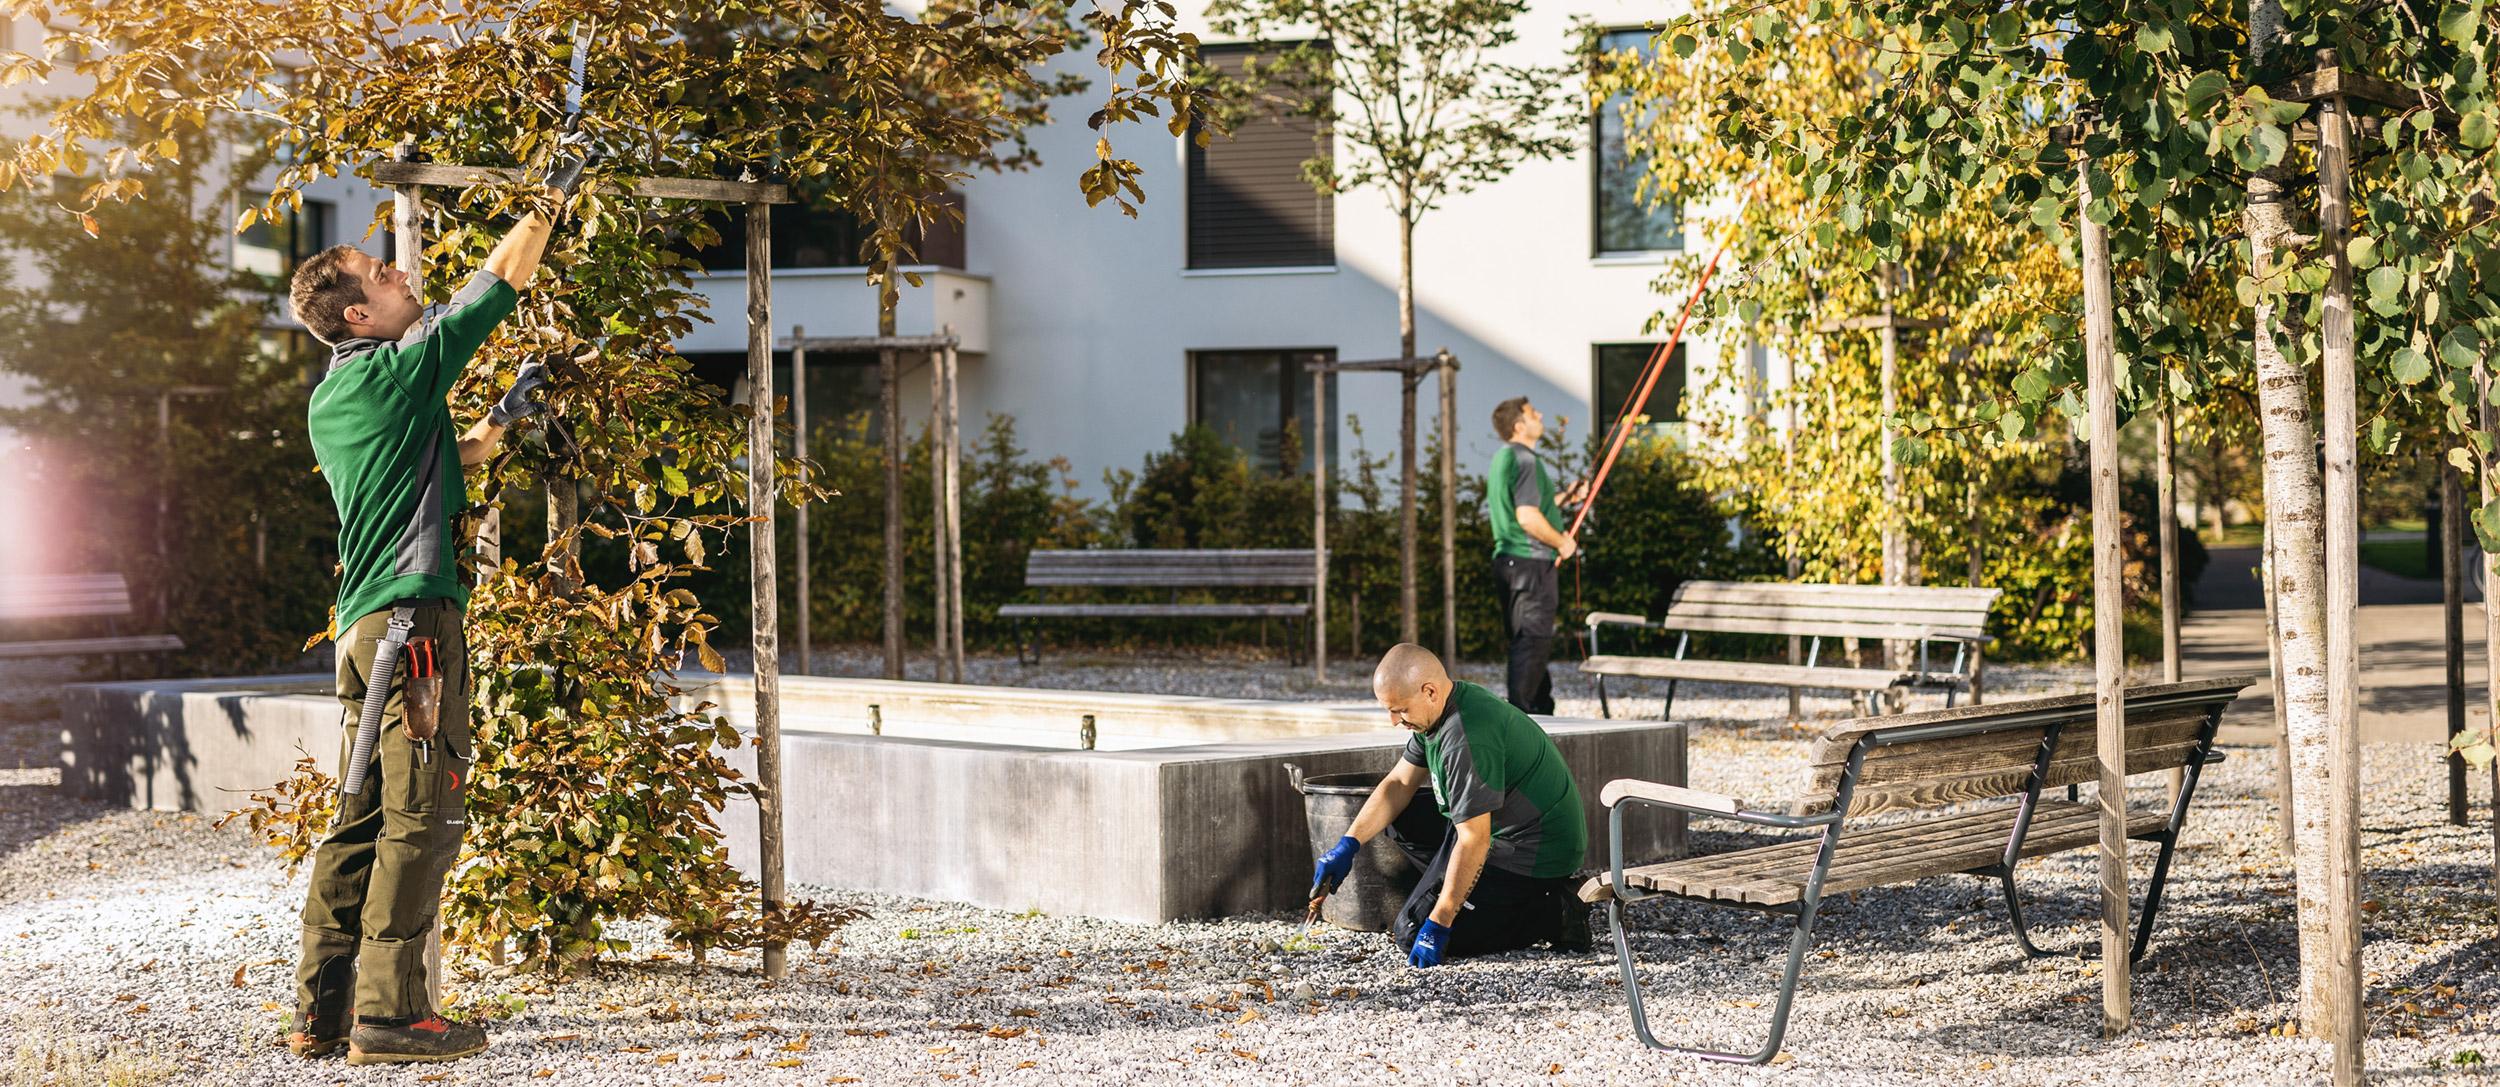 R. Zürcher Hauswart-Service AG – Garten- und Umbgebungspflege